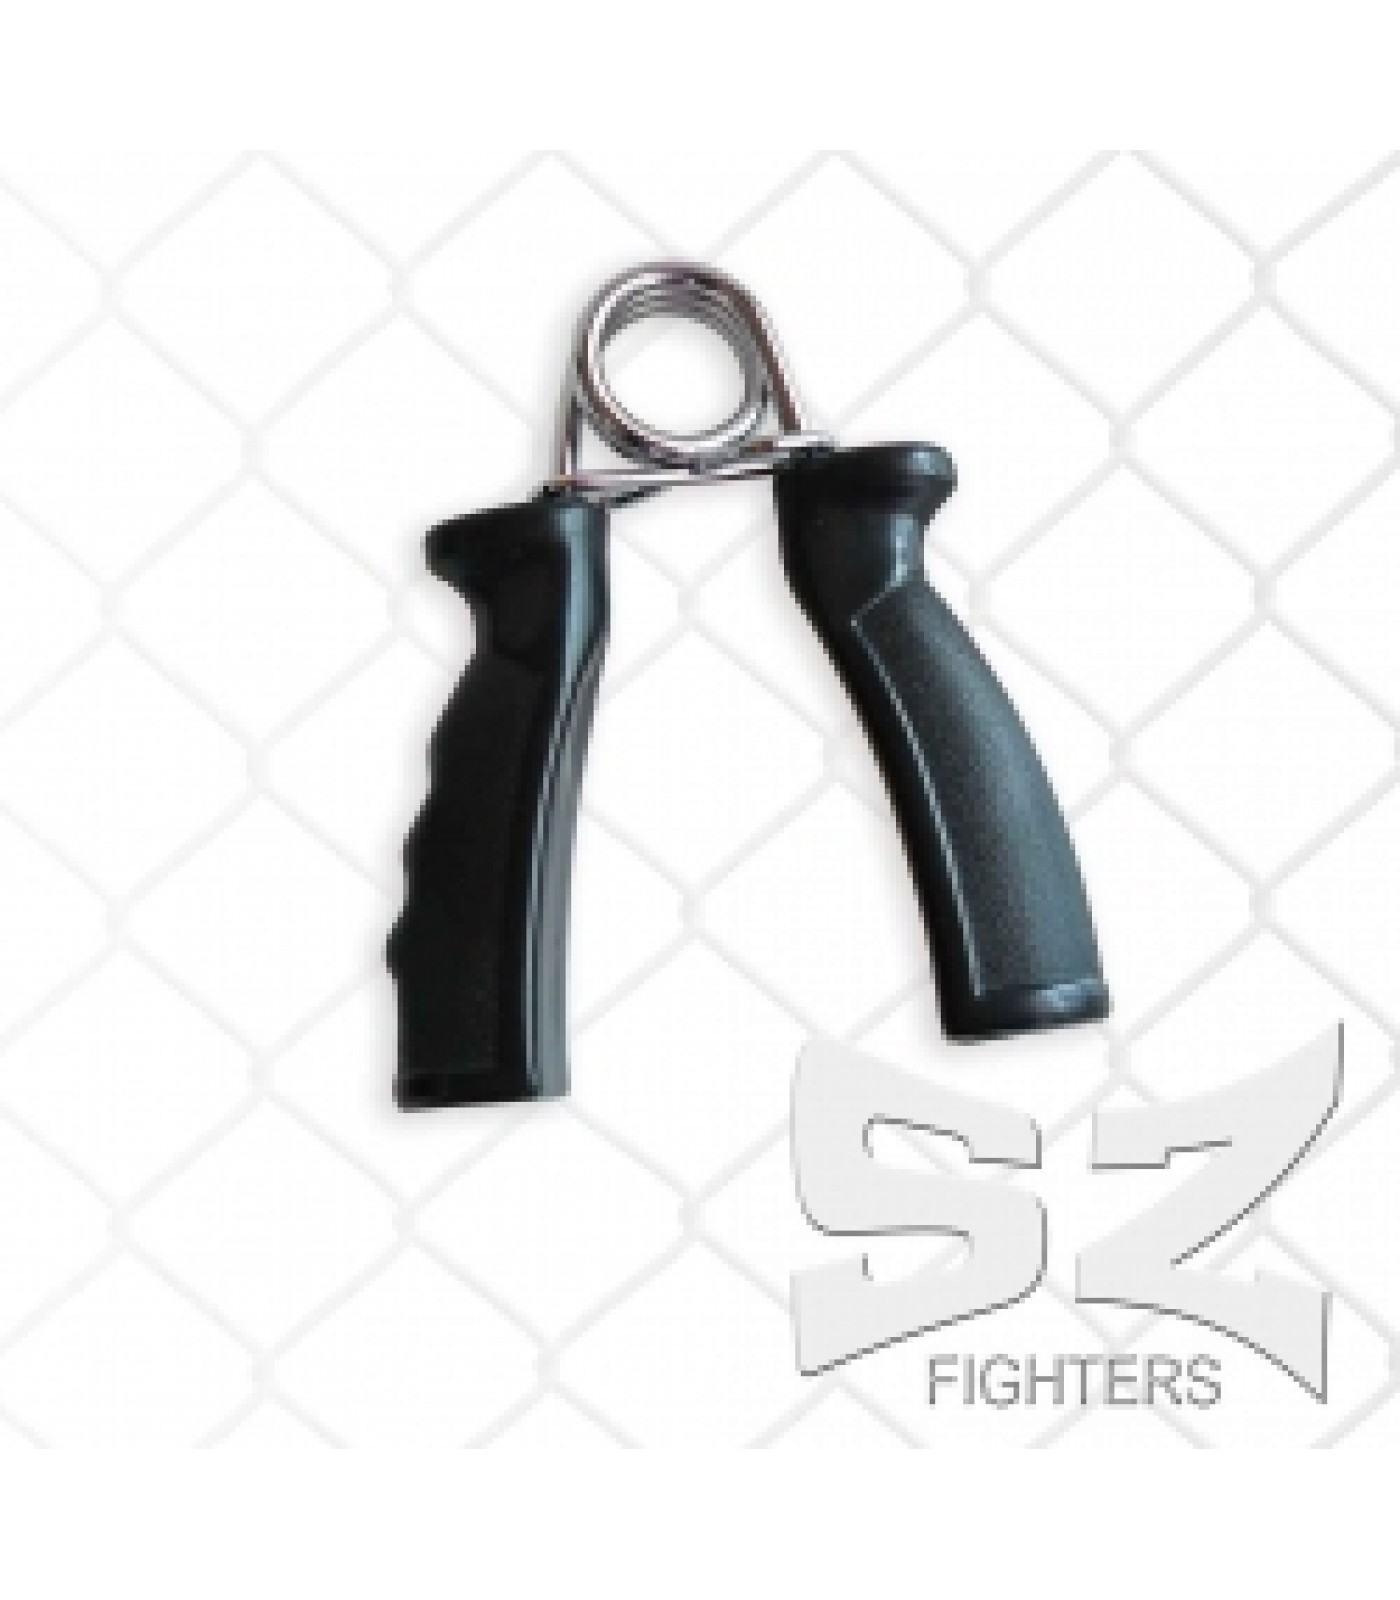 SZ Fighters - Комплект щипки за предмишница